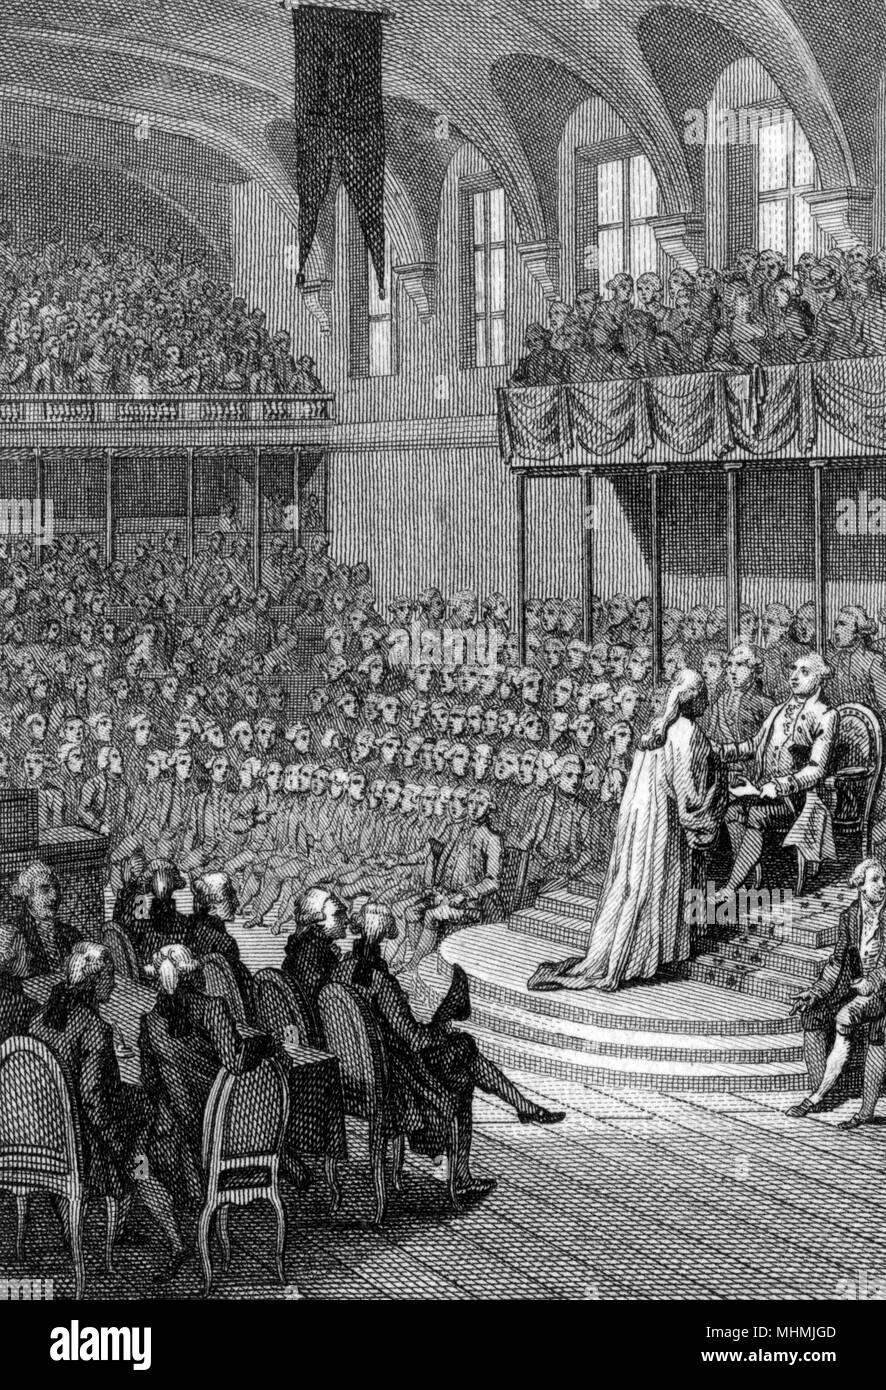 Date: 14 September 1791